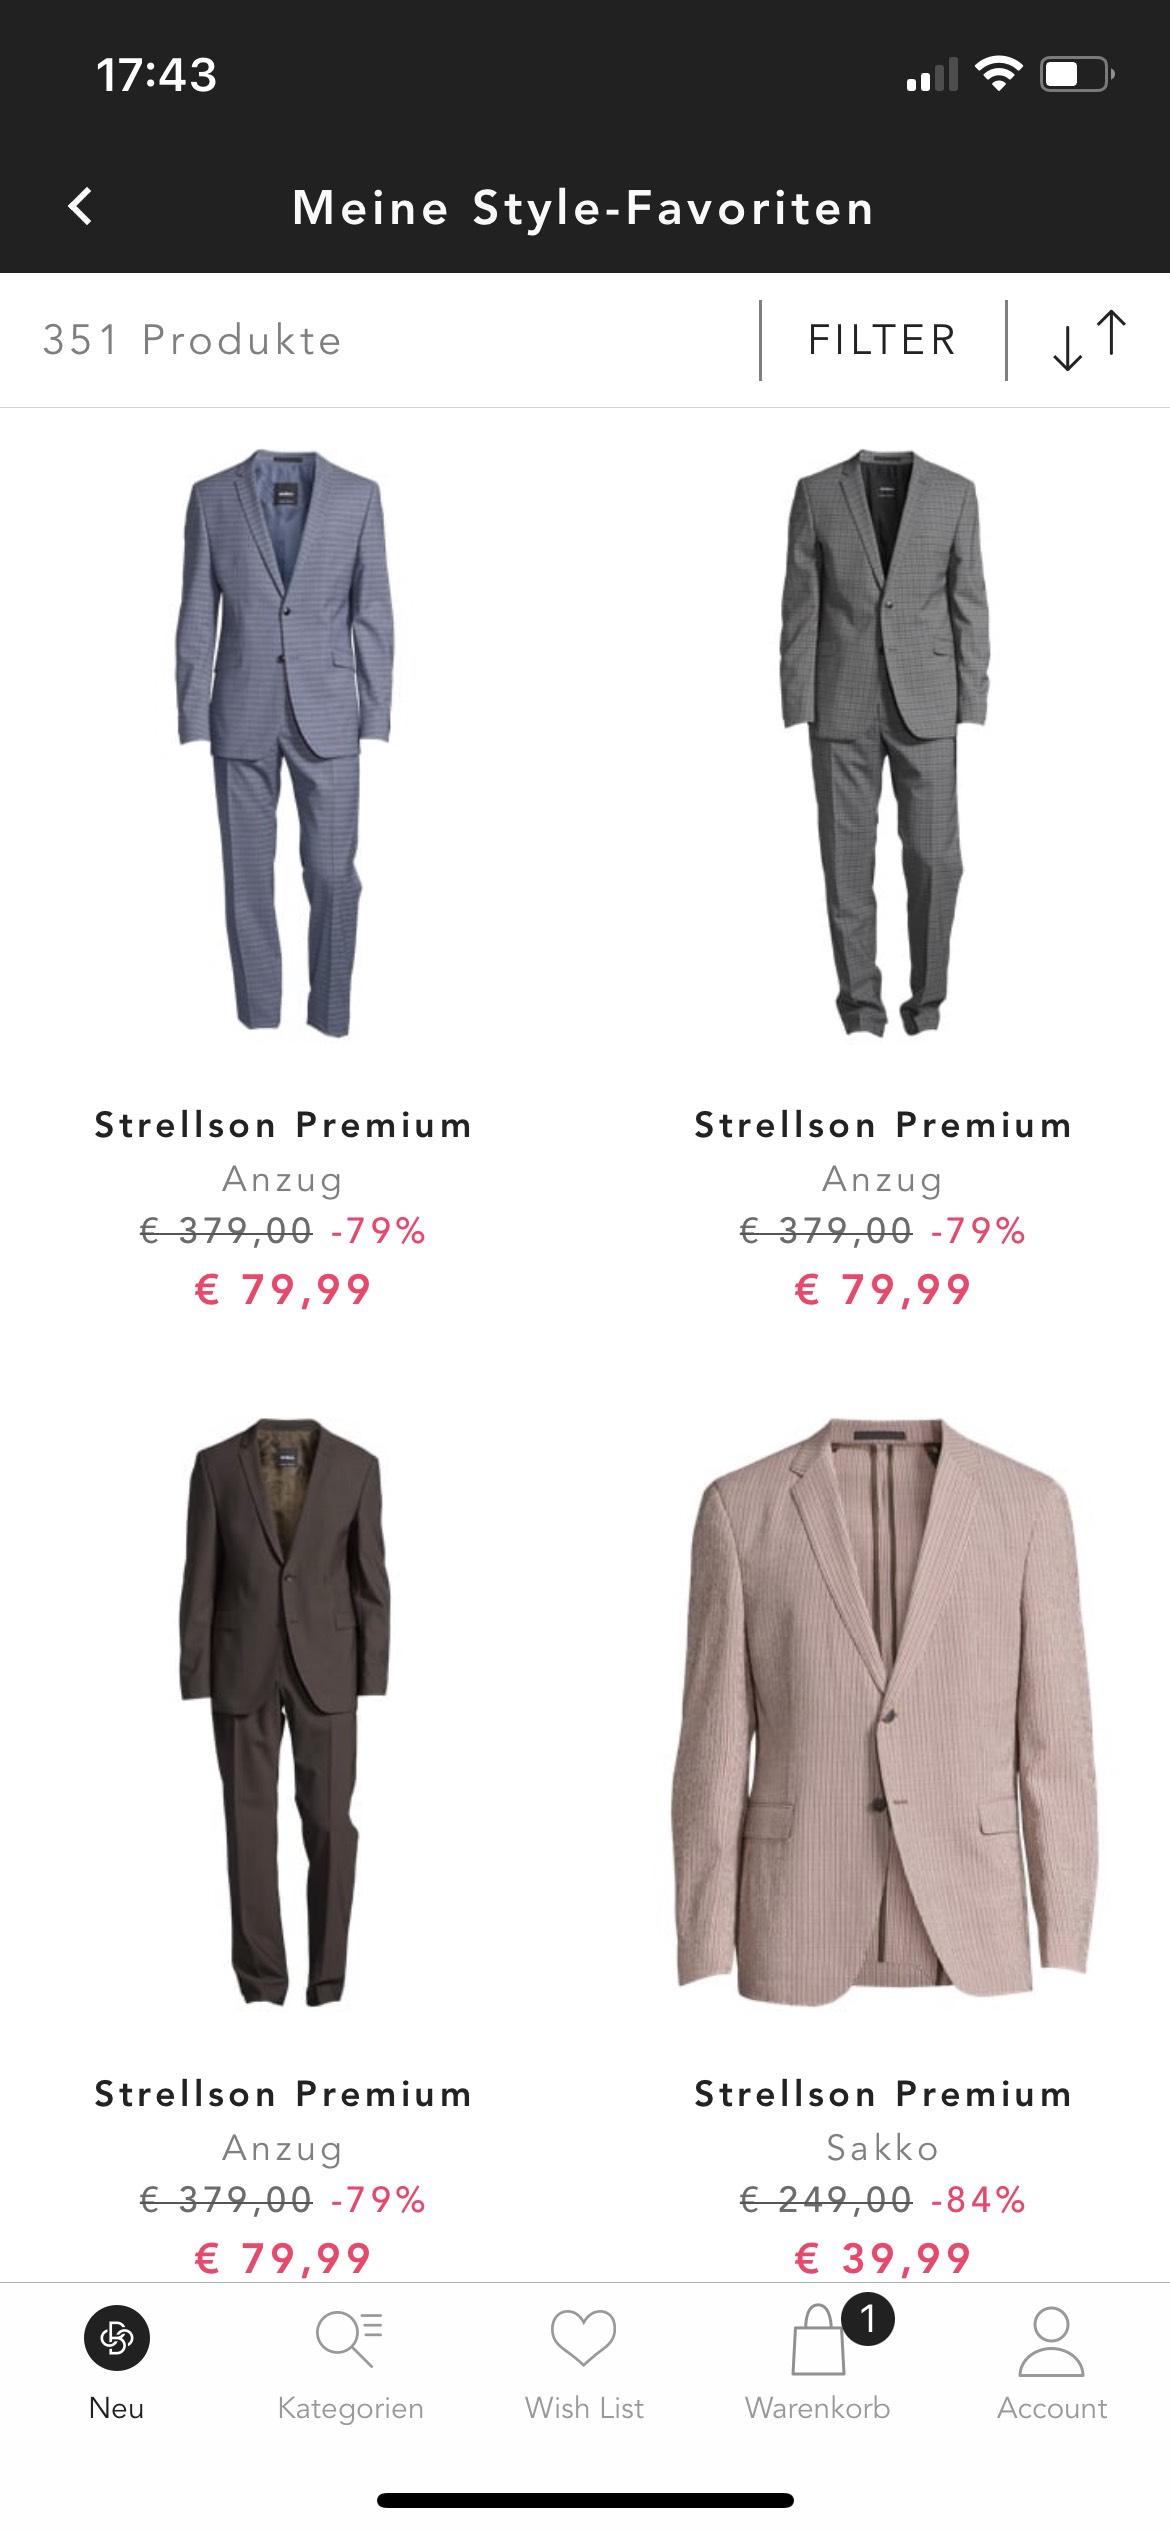 Strellson Premium Anzug (Bestpreis?)